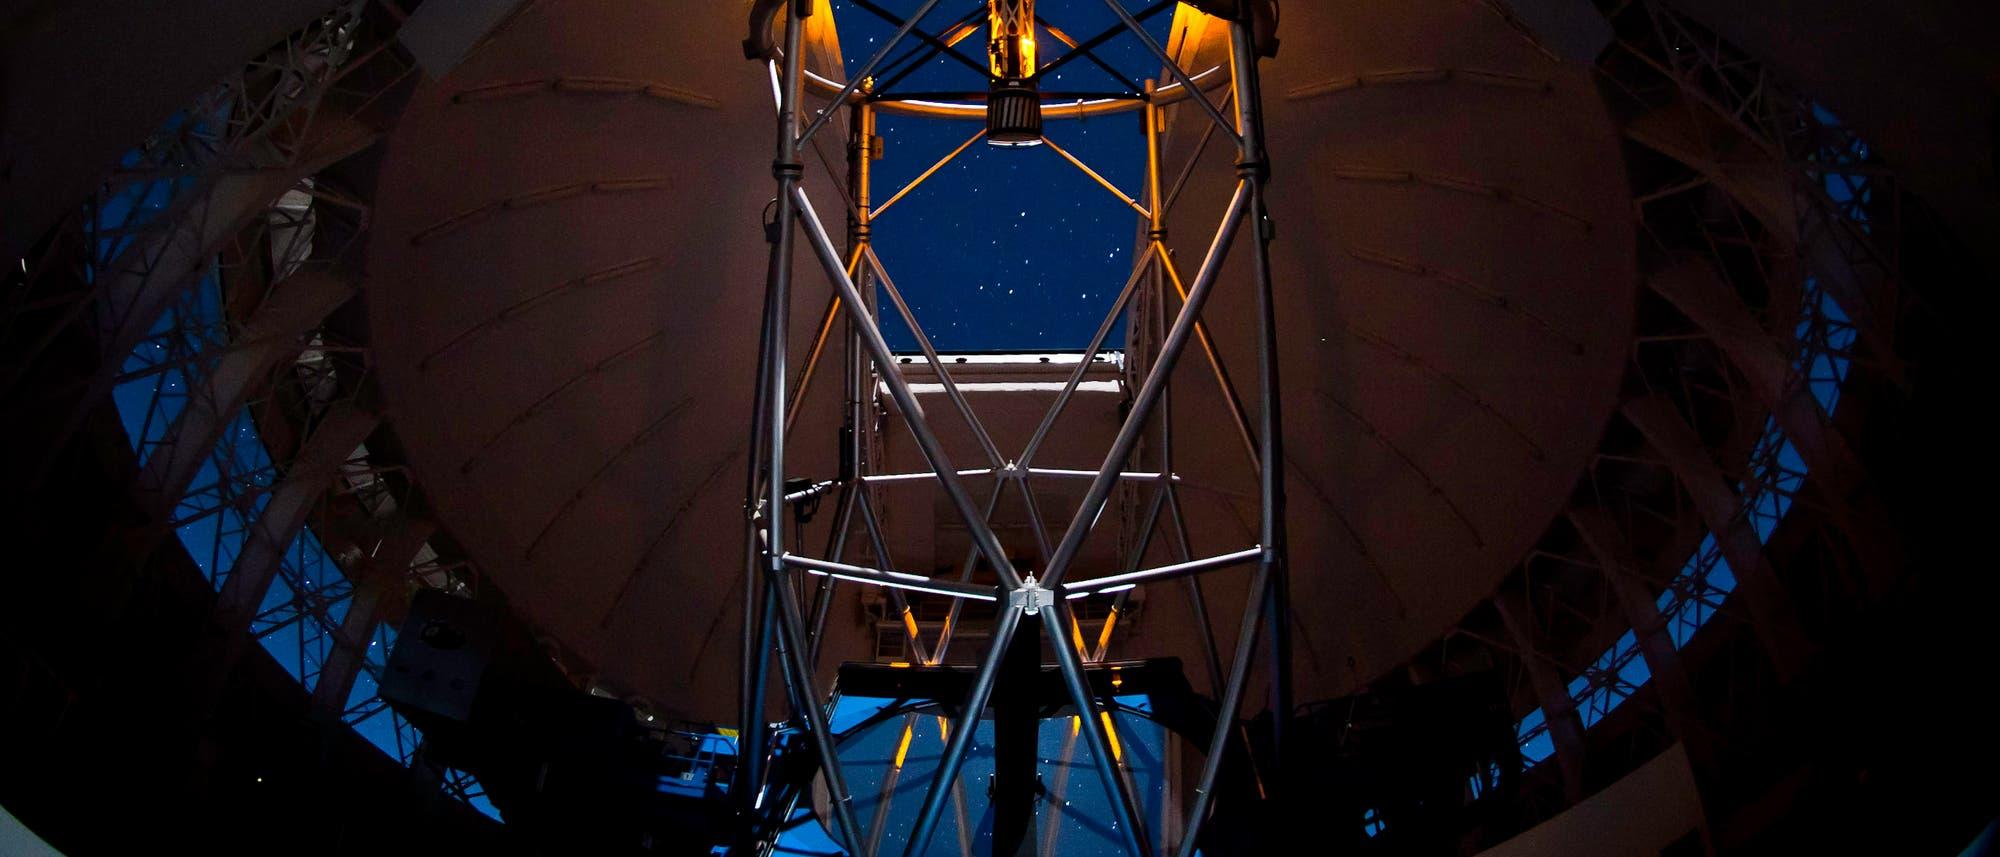 Das Acht-Meter-Teleskop Gemini South mit Laserleitstern